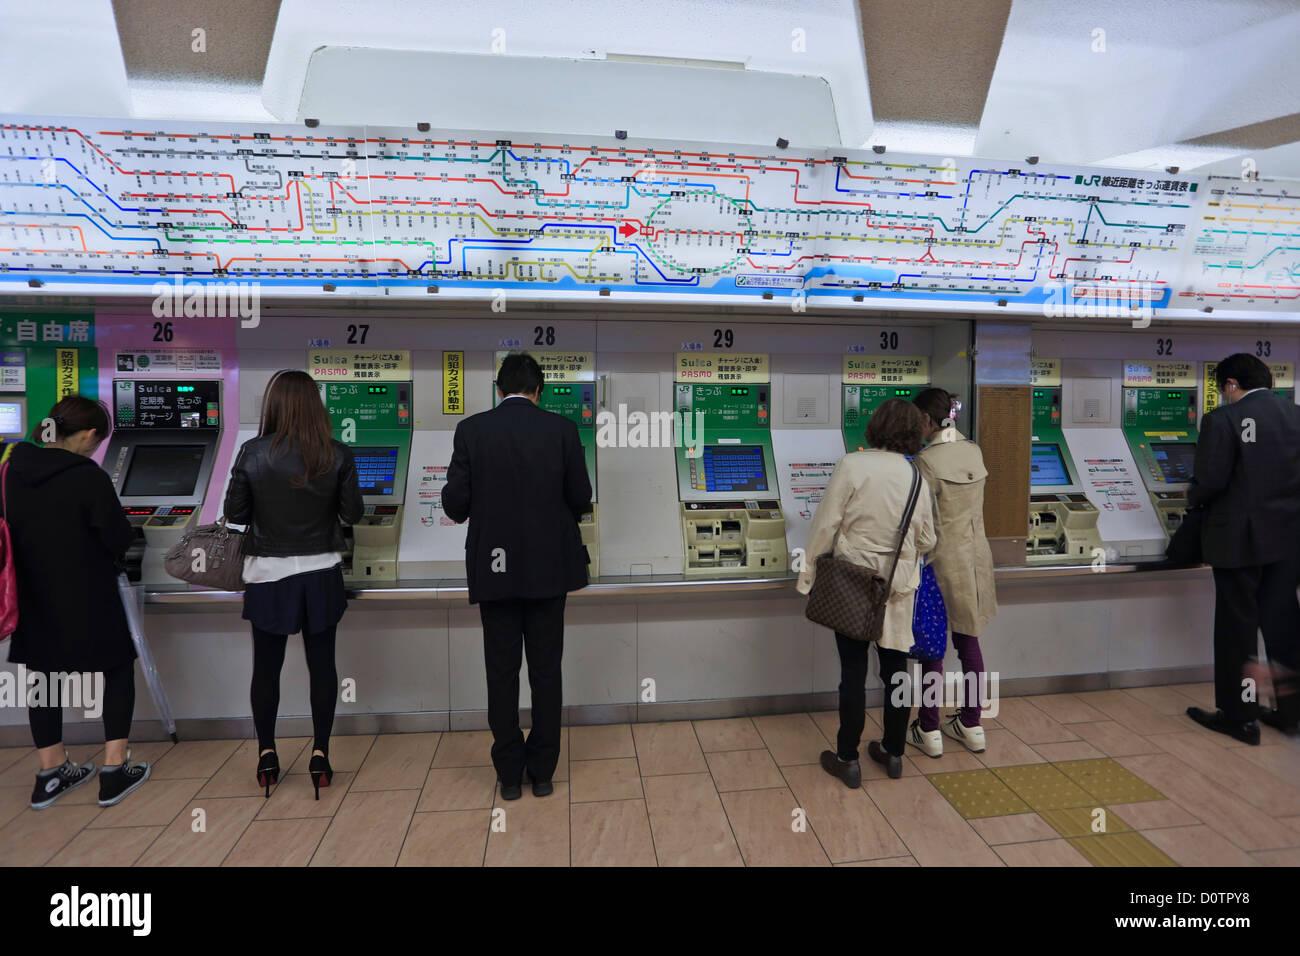 Giappone, Asia, vacanze, viaggi, Tokyo, Città, Shinjuku, Stazione, biglietti, fornitore, automatizzare, dispenser Immagini Stock